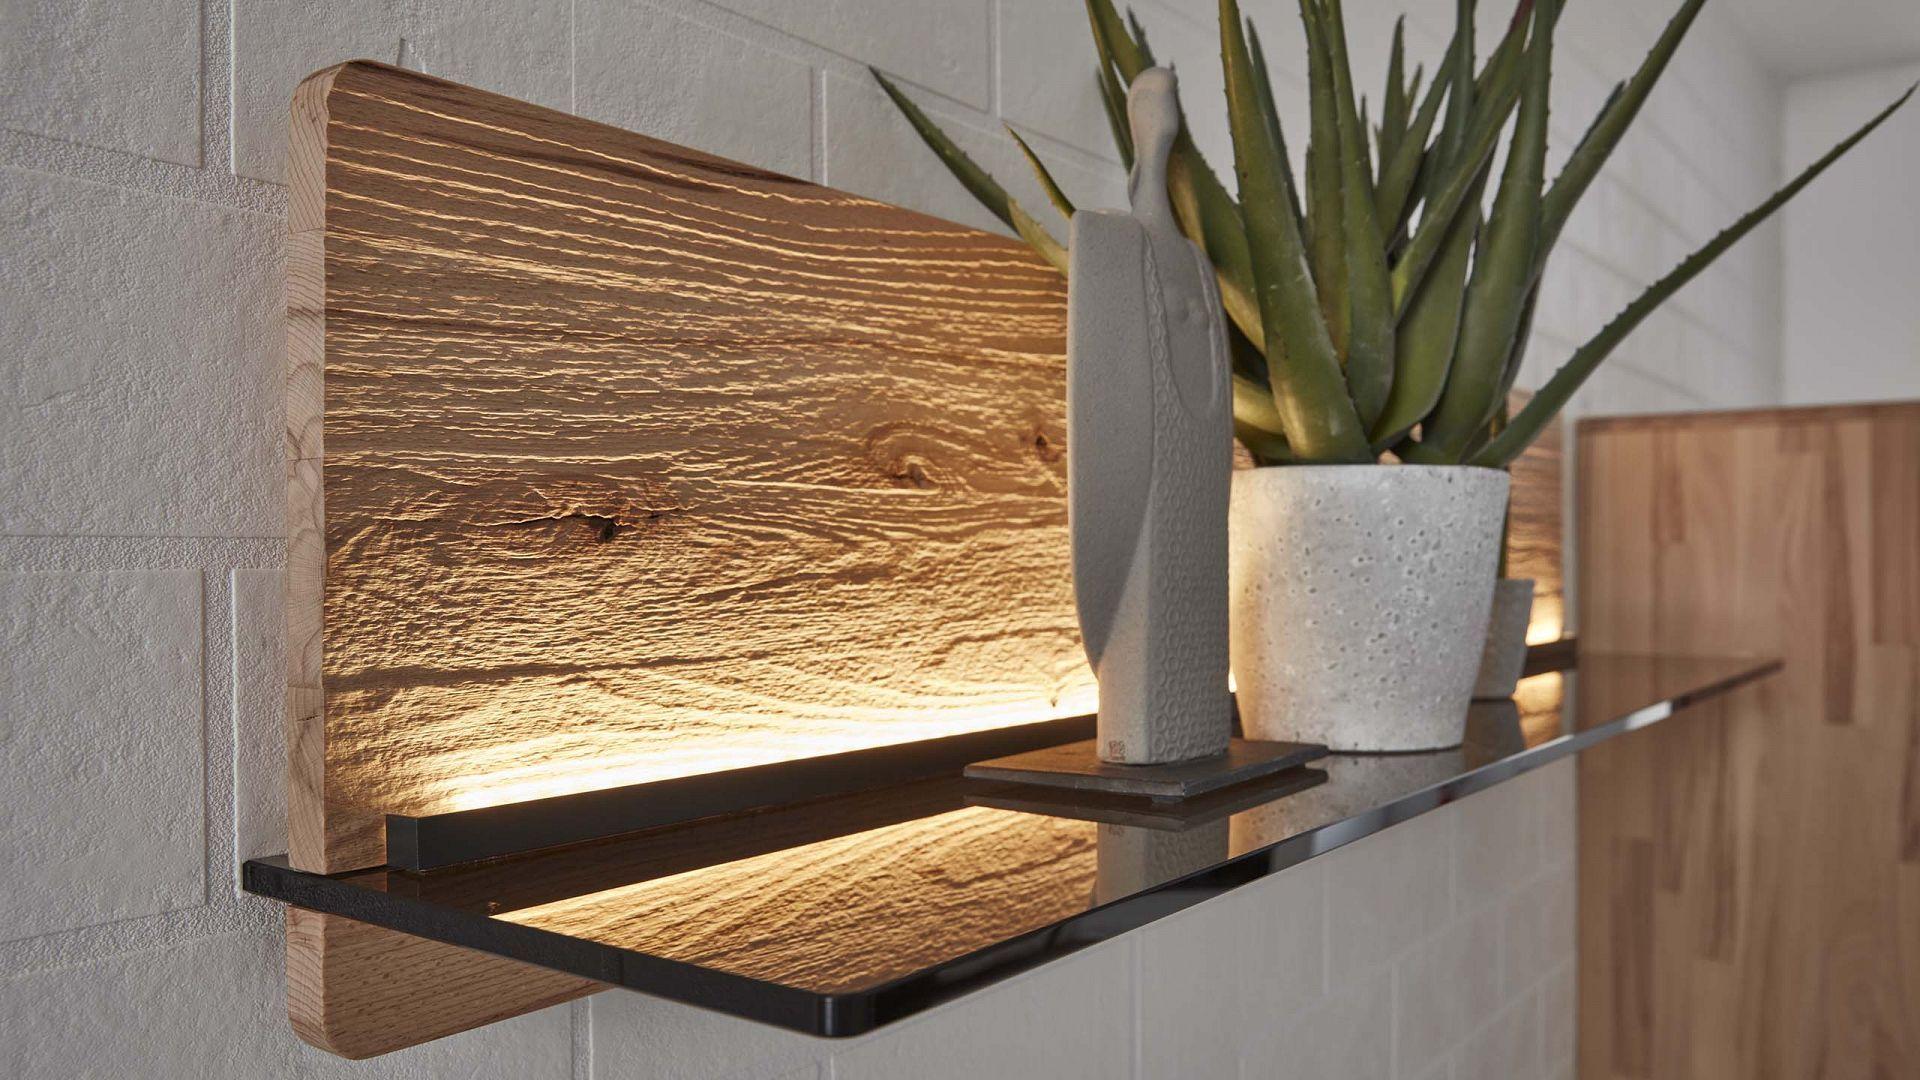 Mit Indirekter Beleuchtung Und Holz Struktur Punktet Die Interliving Wohnzimmer S Indirekte Beleuchtung Beleuchtung Wohnzimmer Indirekte Beleuchtung Wohnzimmer